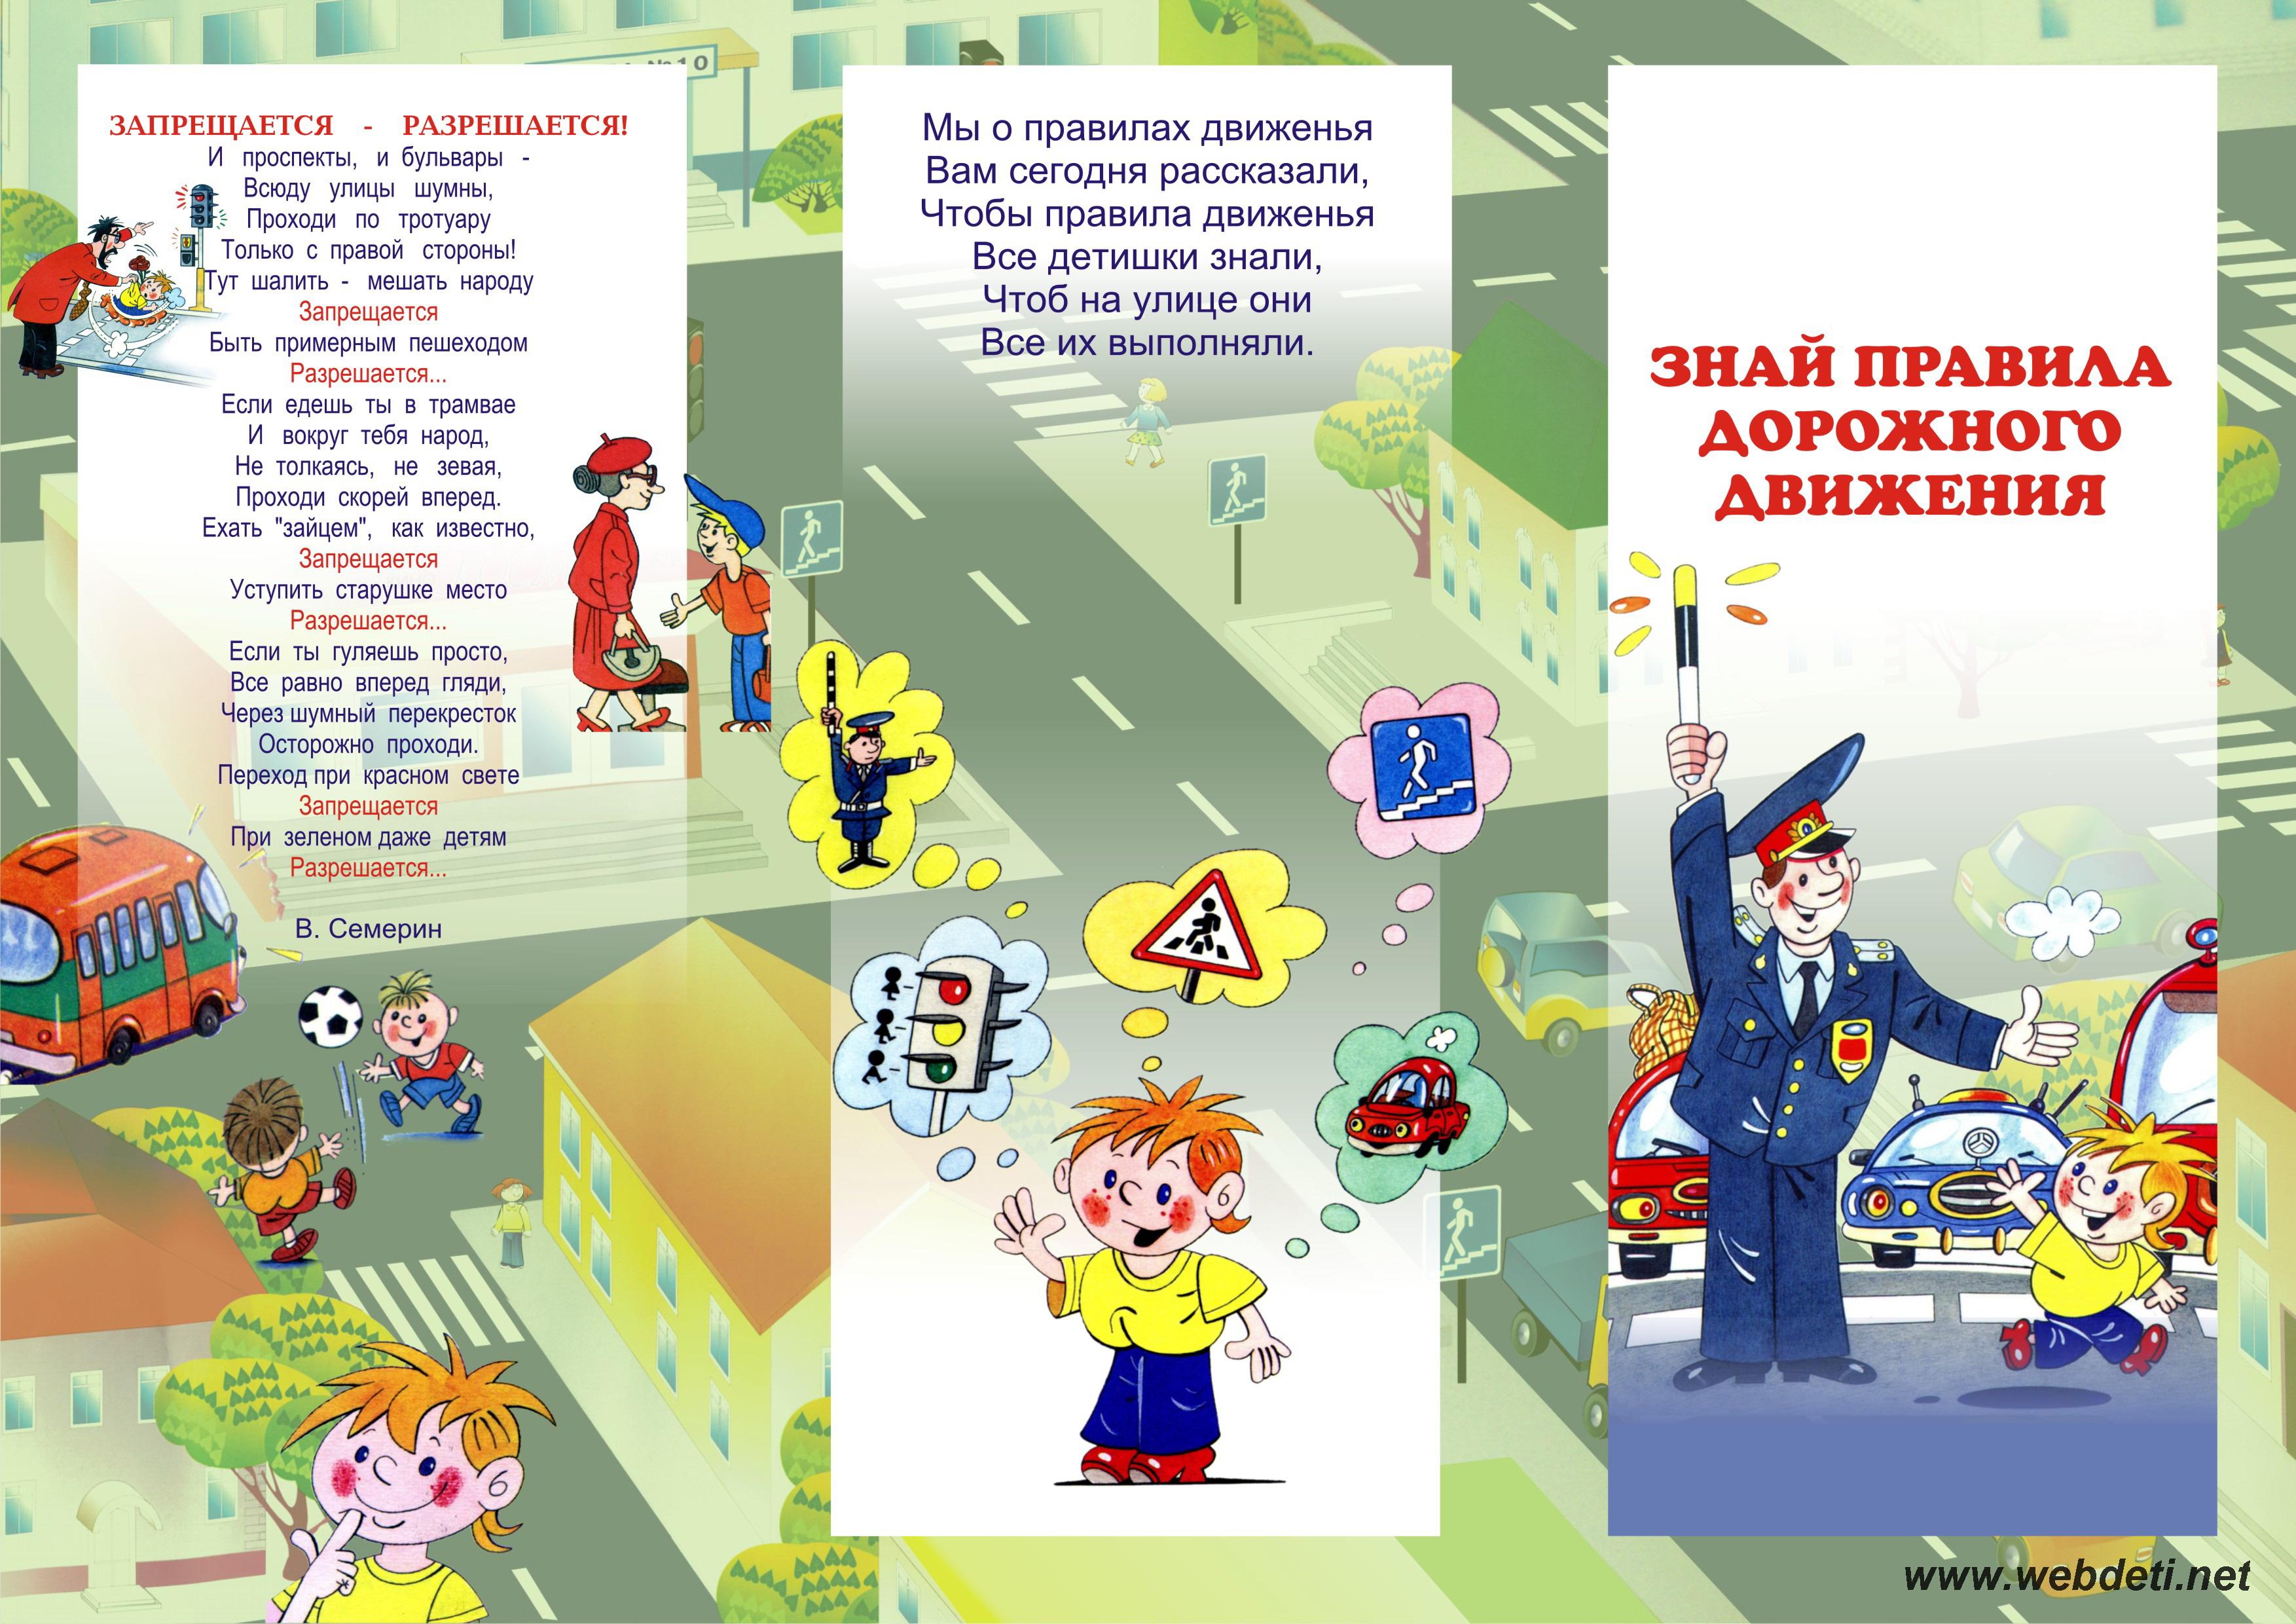 картинки детские дорожного движения